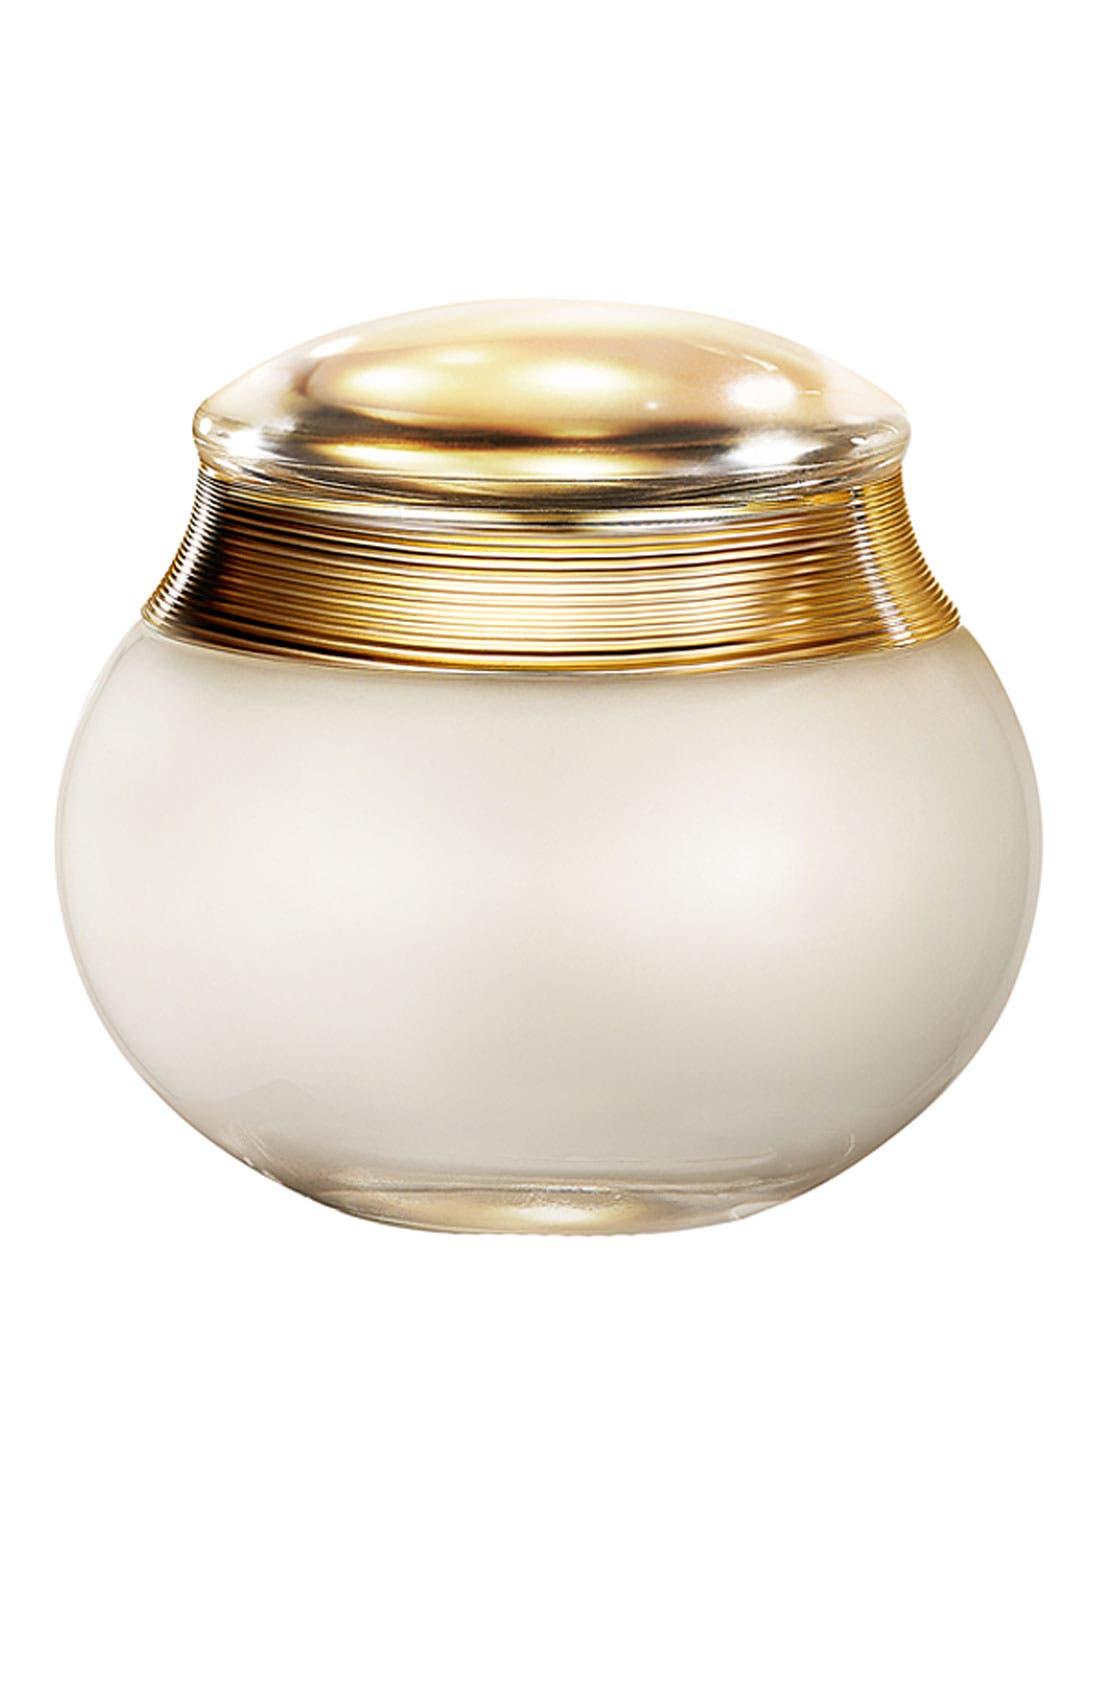 Dior 'J'adore' Body Crème